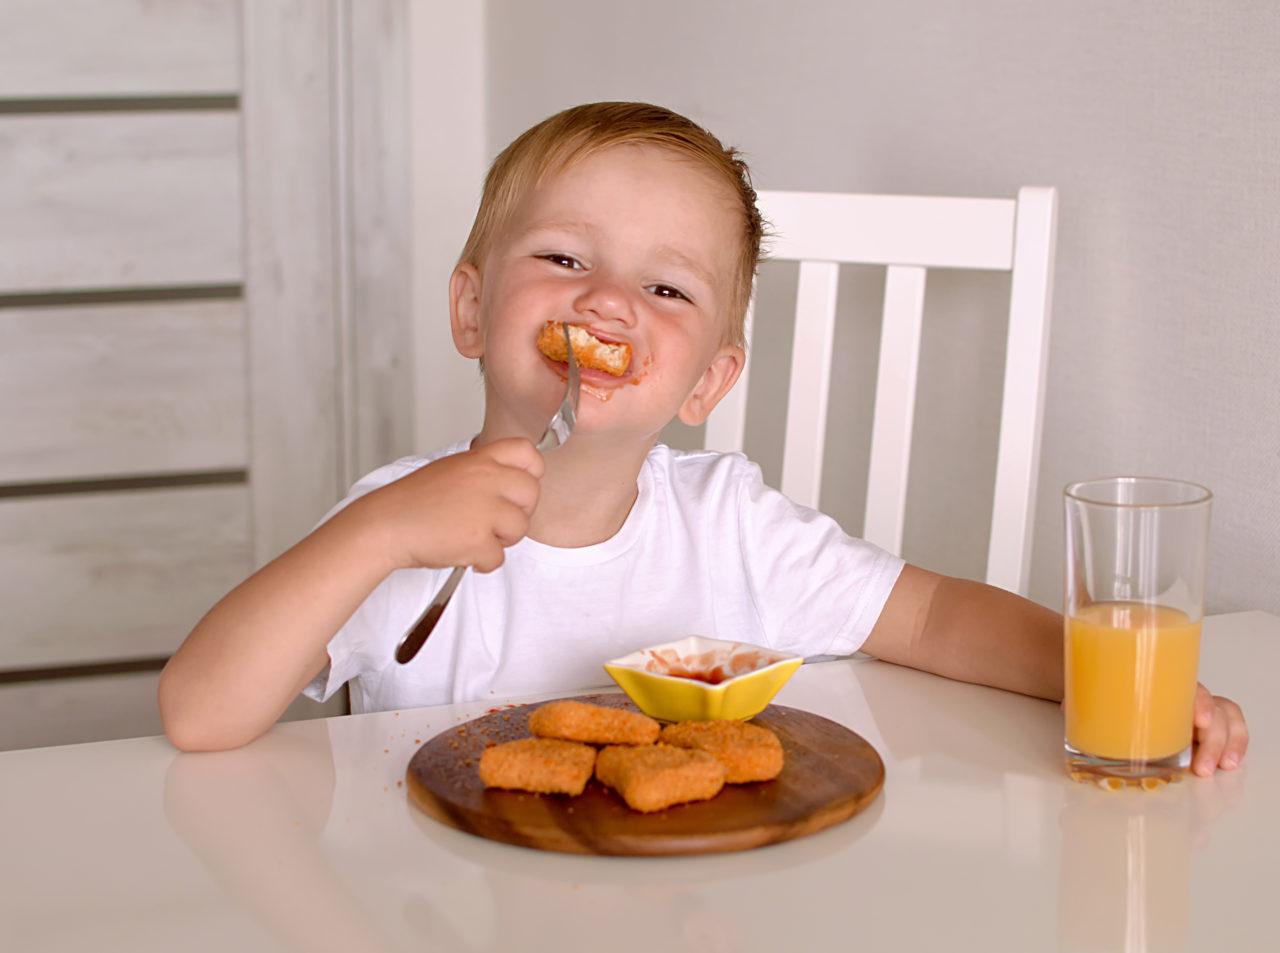 Chłopiec zjada domowy obiad - nuggetsy z kurczaka